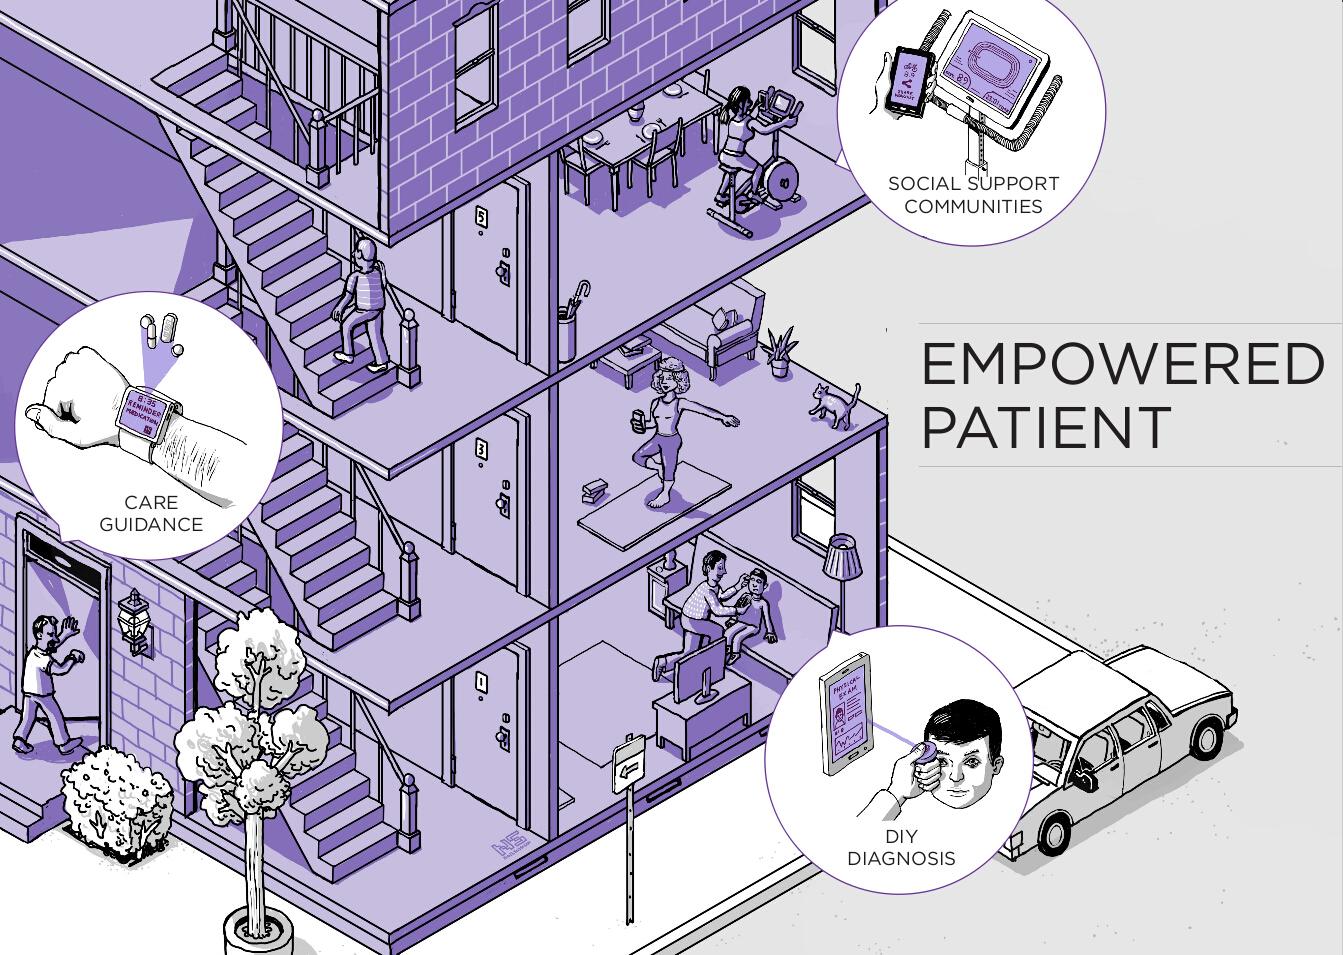 华丽志全面解读《健康的未来》之二:病人掌握更多主动权